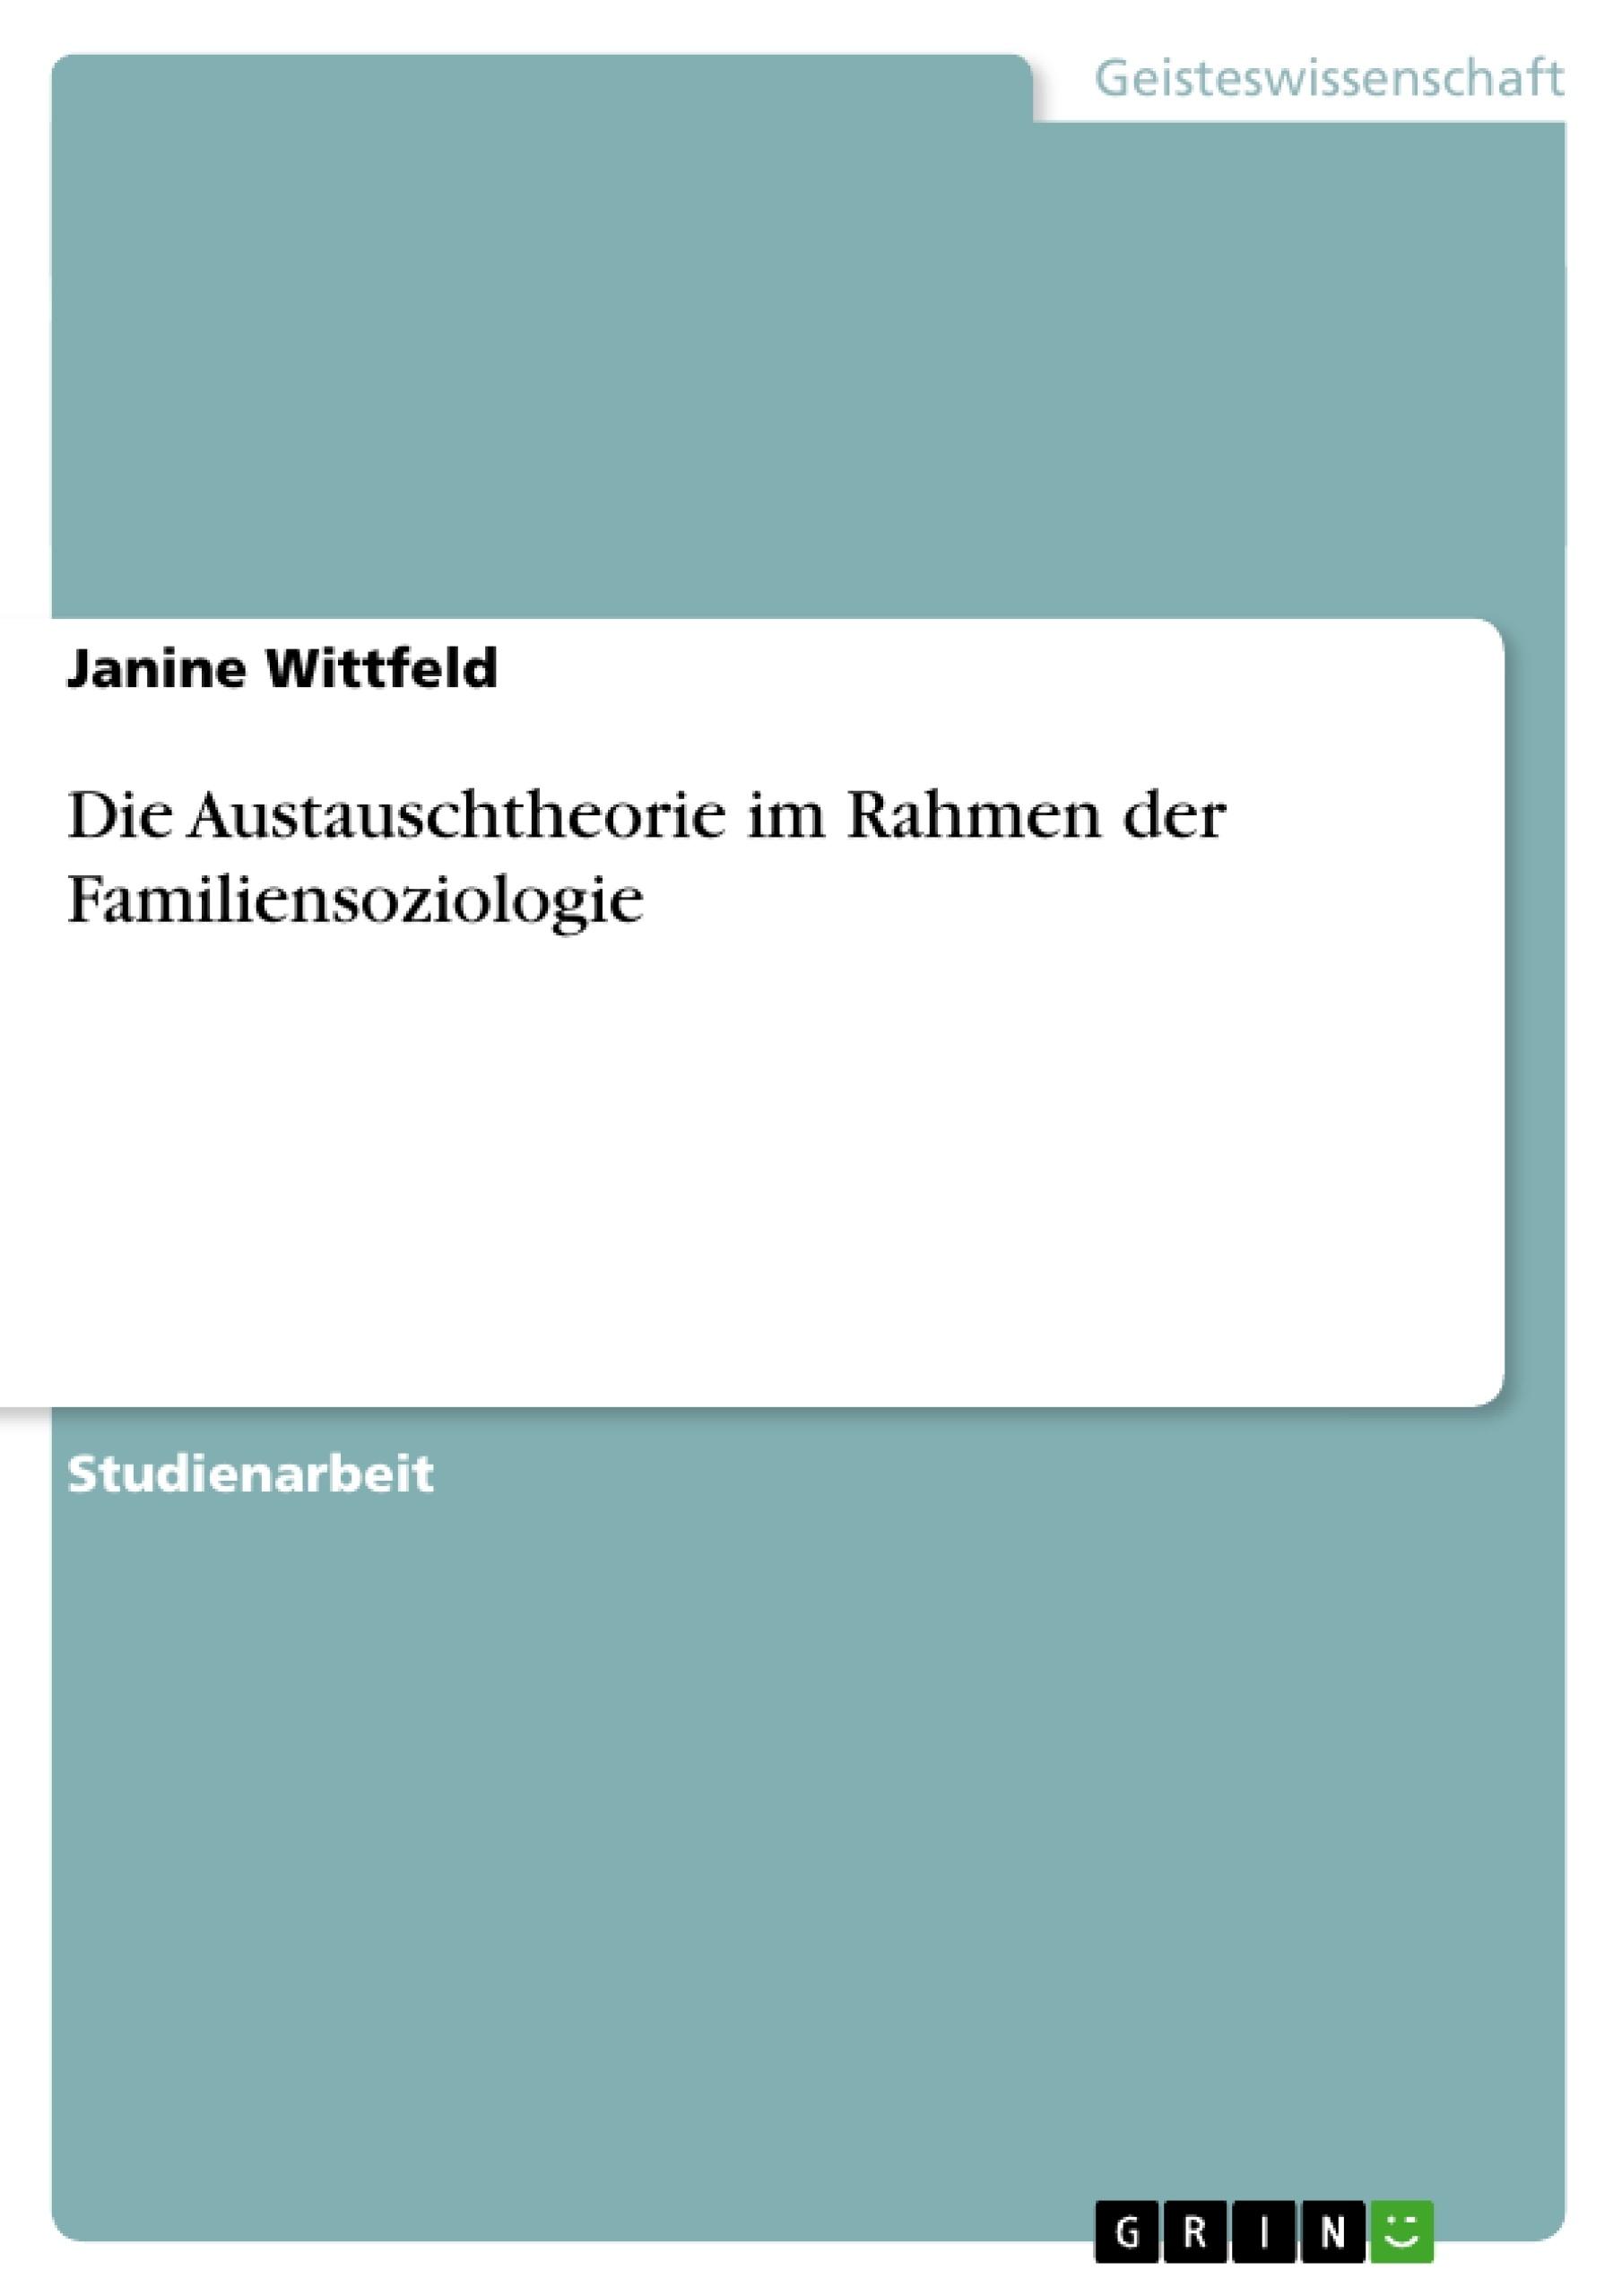 Titel: Die Austauschtheorie im Rahmen der Familiensoziologie